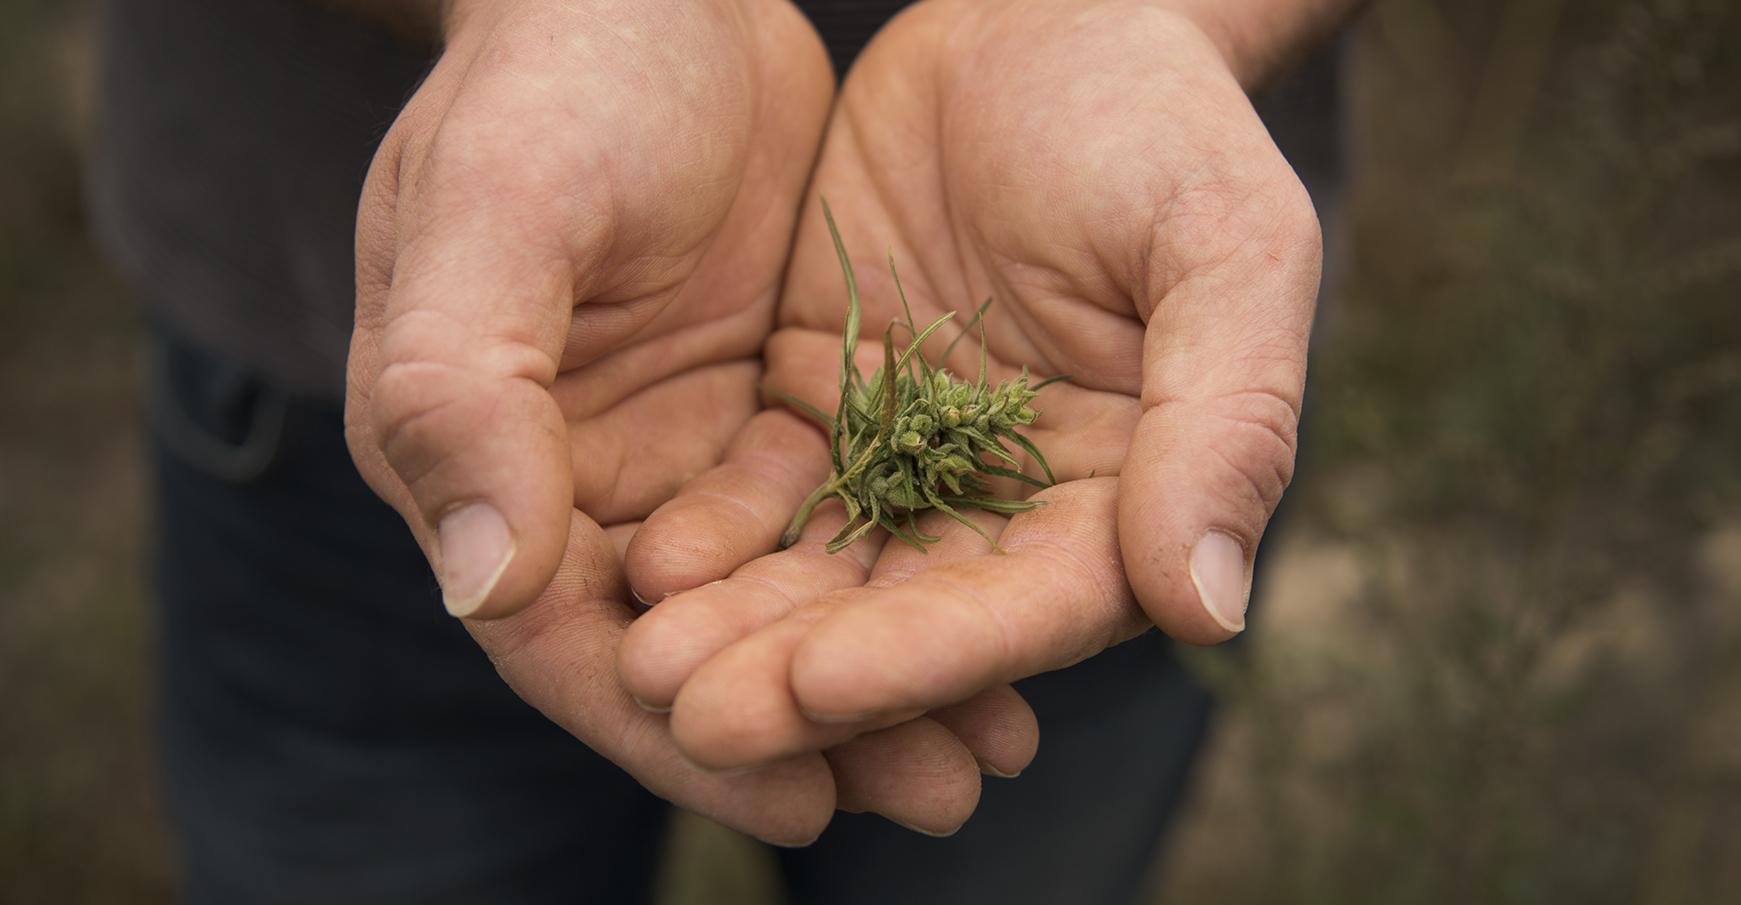 La Creuse rêve du cannabis thérapeutique pour relancer son économie